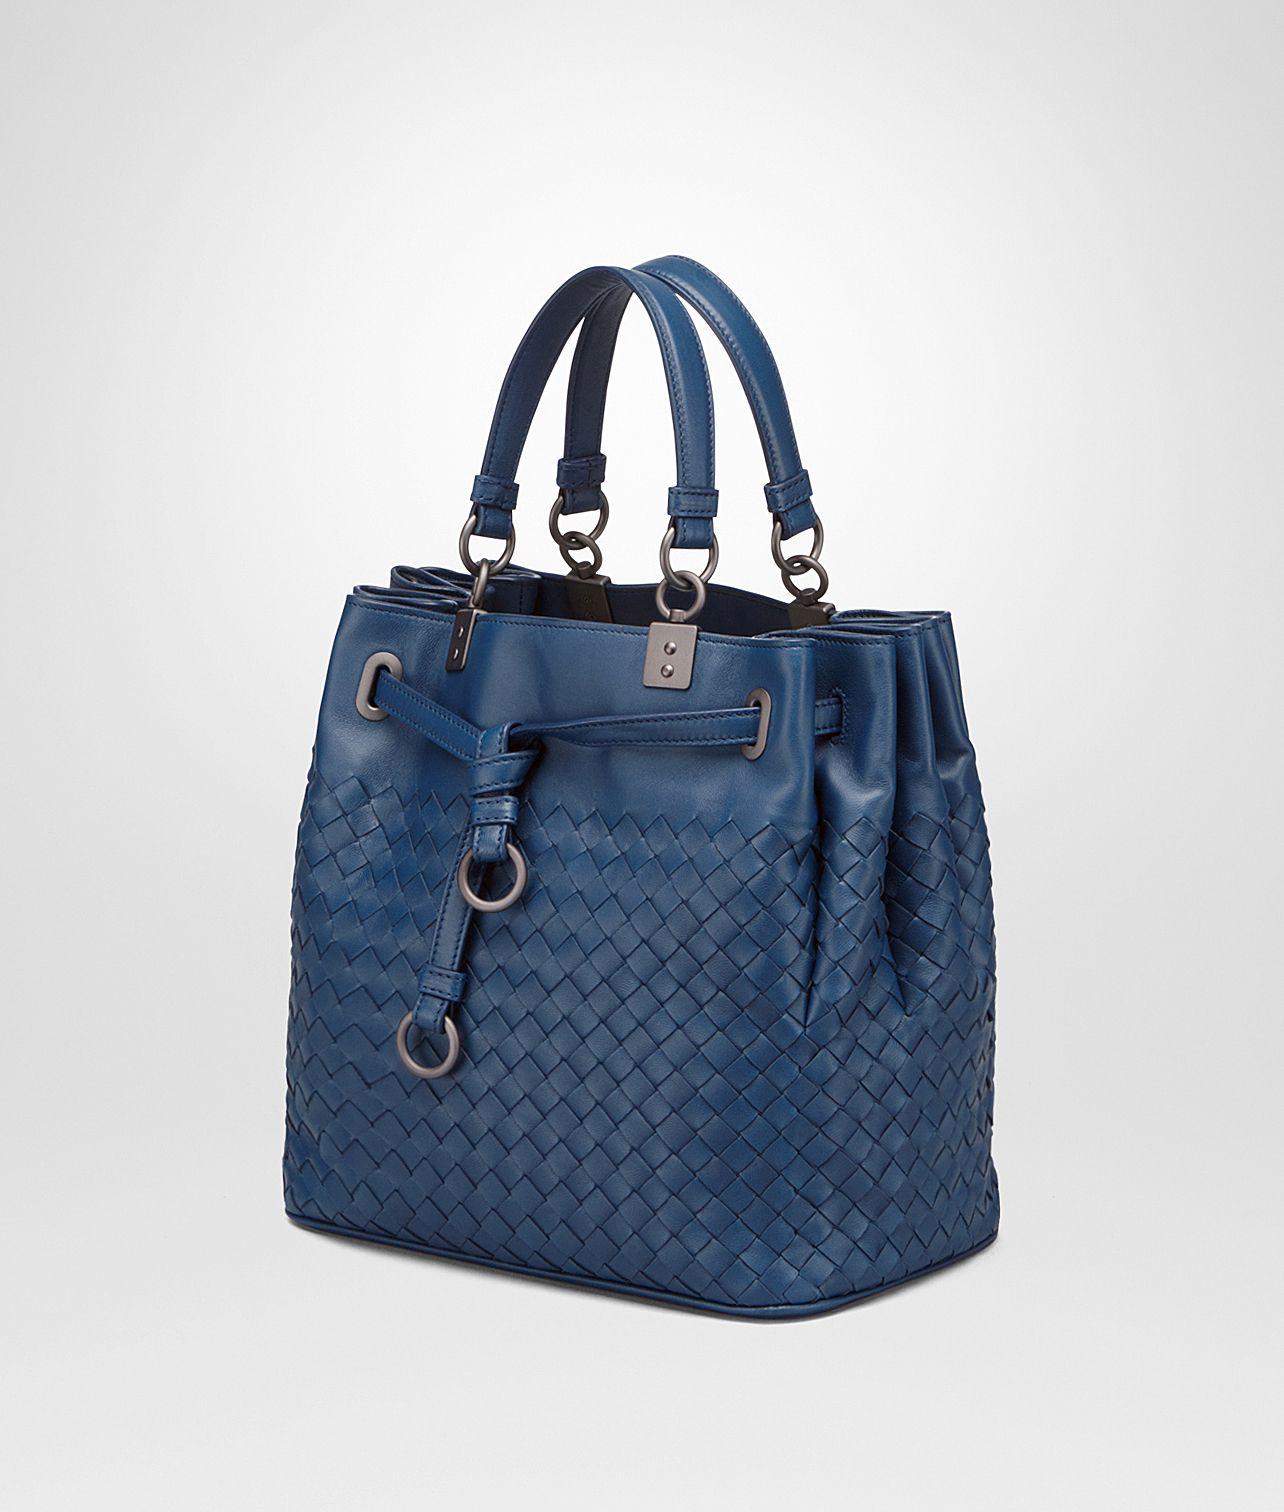 008dde8e03b9 Bottega Veneta® - BUCKET BAG IN PACIFIC INTRECCIATO NAPPA